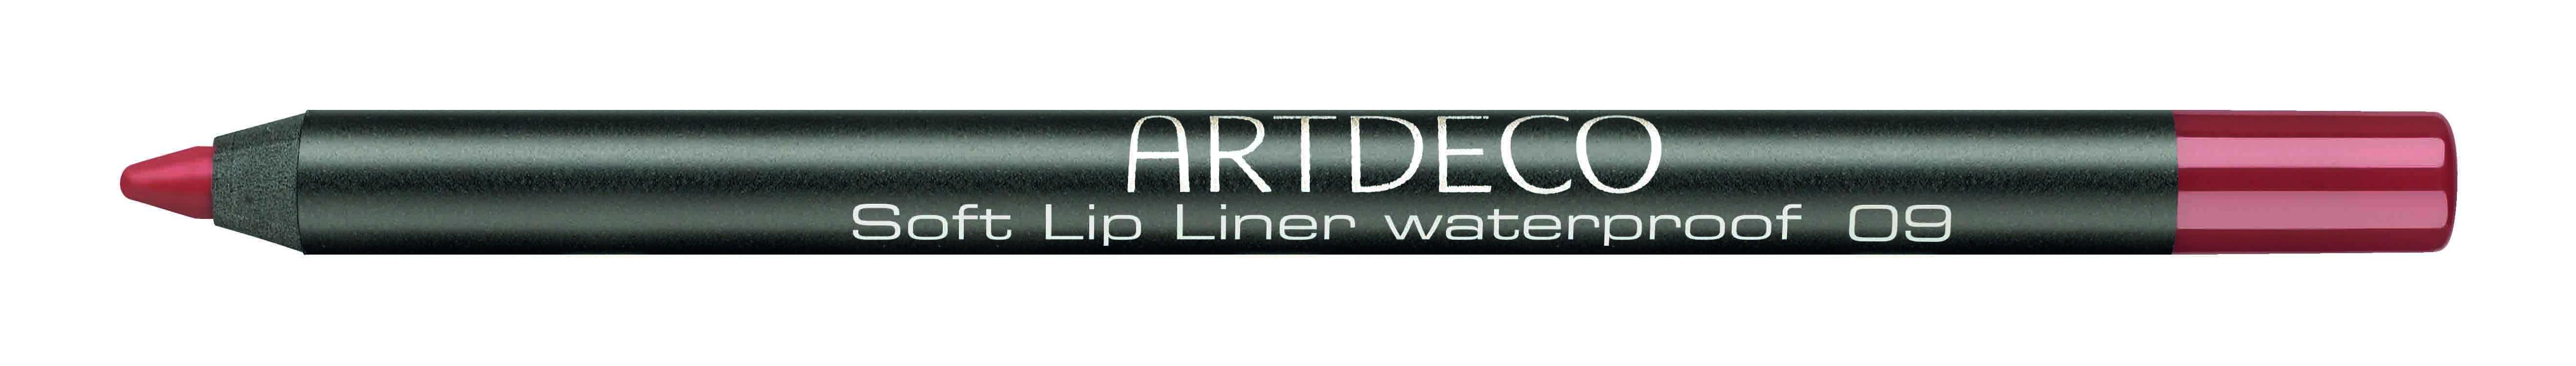 Artdeco карандаш для губ водостойкий 09 1,2г172.09Контур со стойкой текстурой и насыщенным цветом не позволяет растекаться помаде или блеску, помогает сделать чувственный макияж губ.